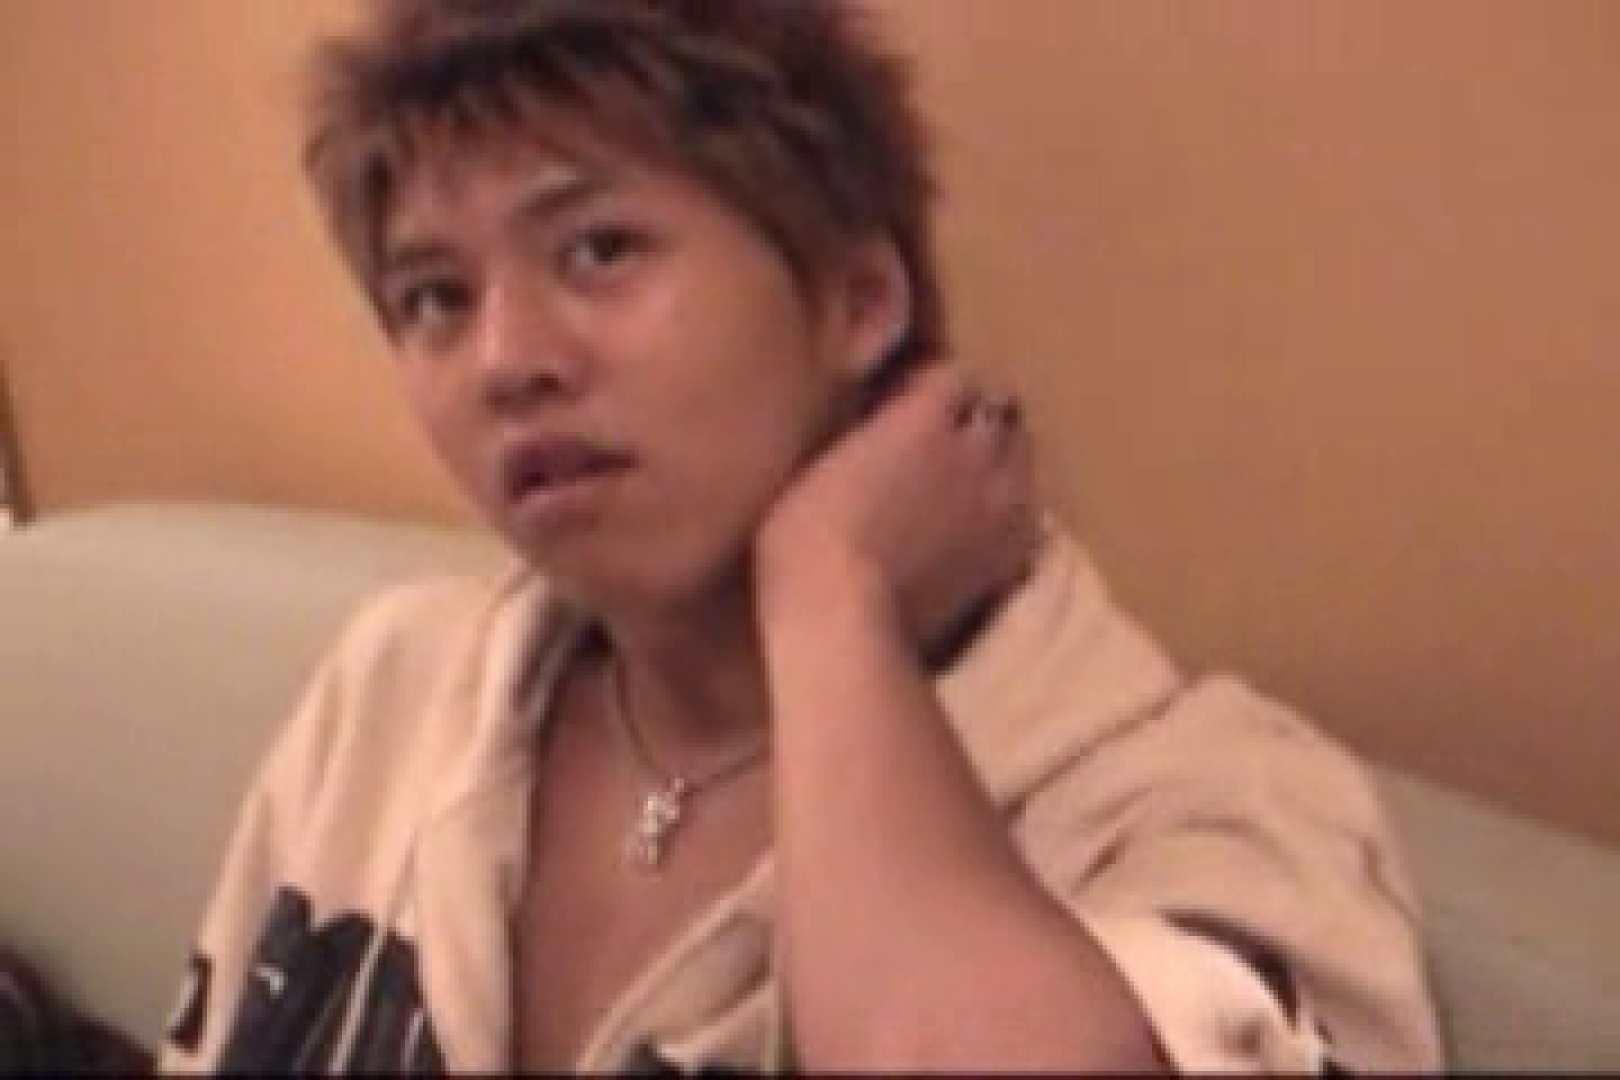 【流出】ジャニ系イケメン!!フライング&アナルが痛くて出来ません!! モデル 男同士動画 83枚 39